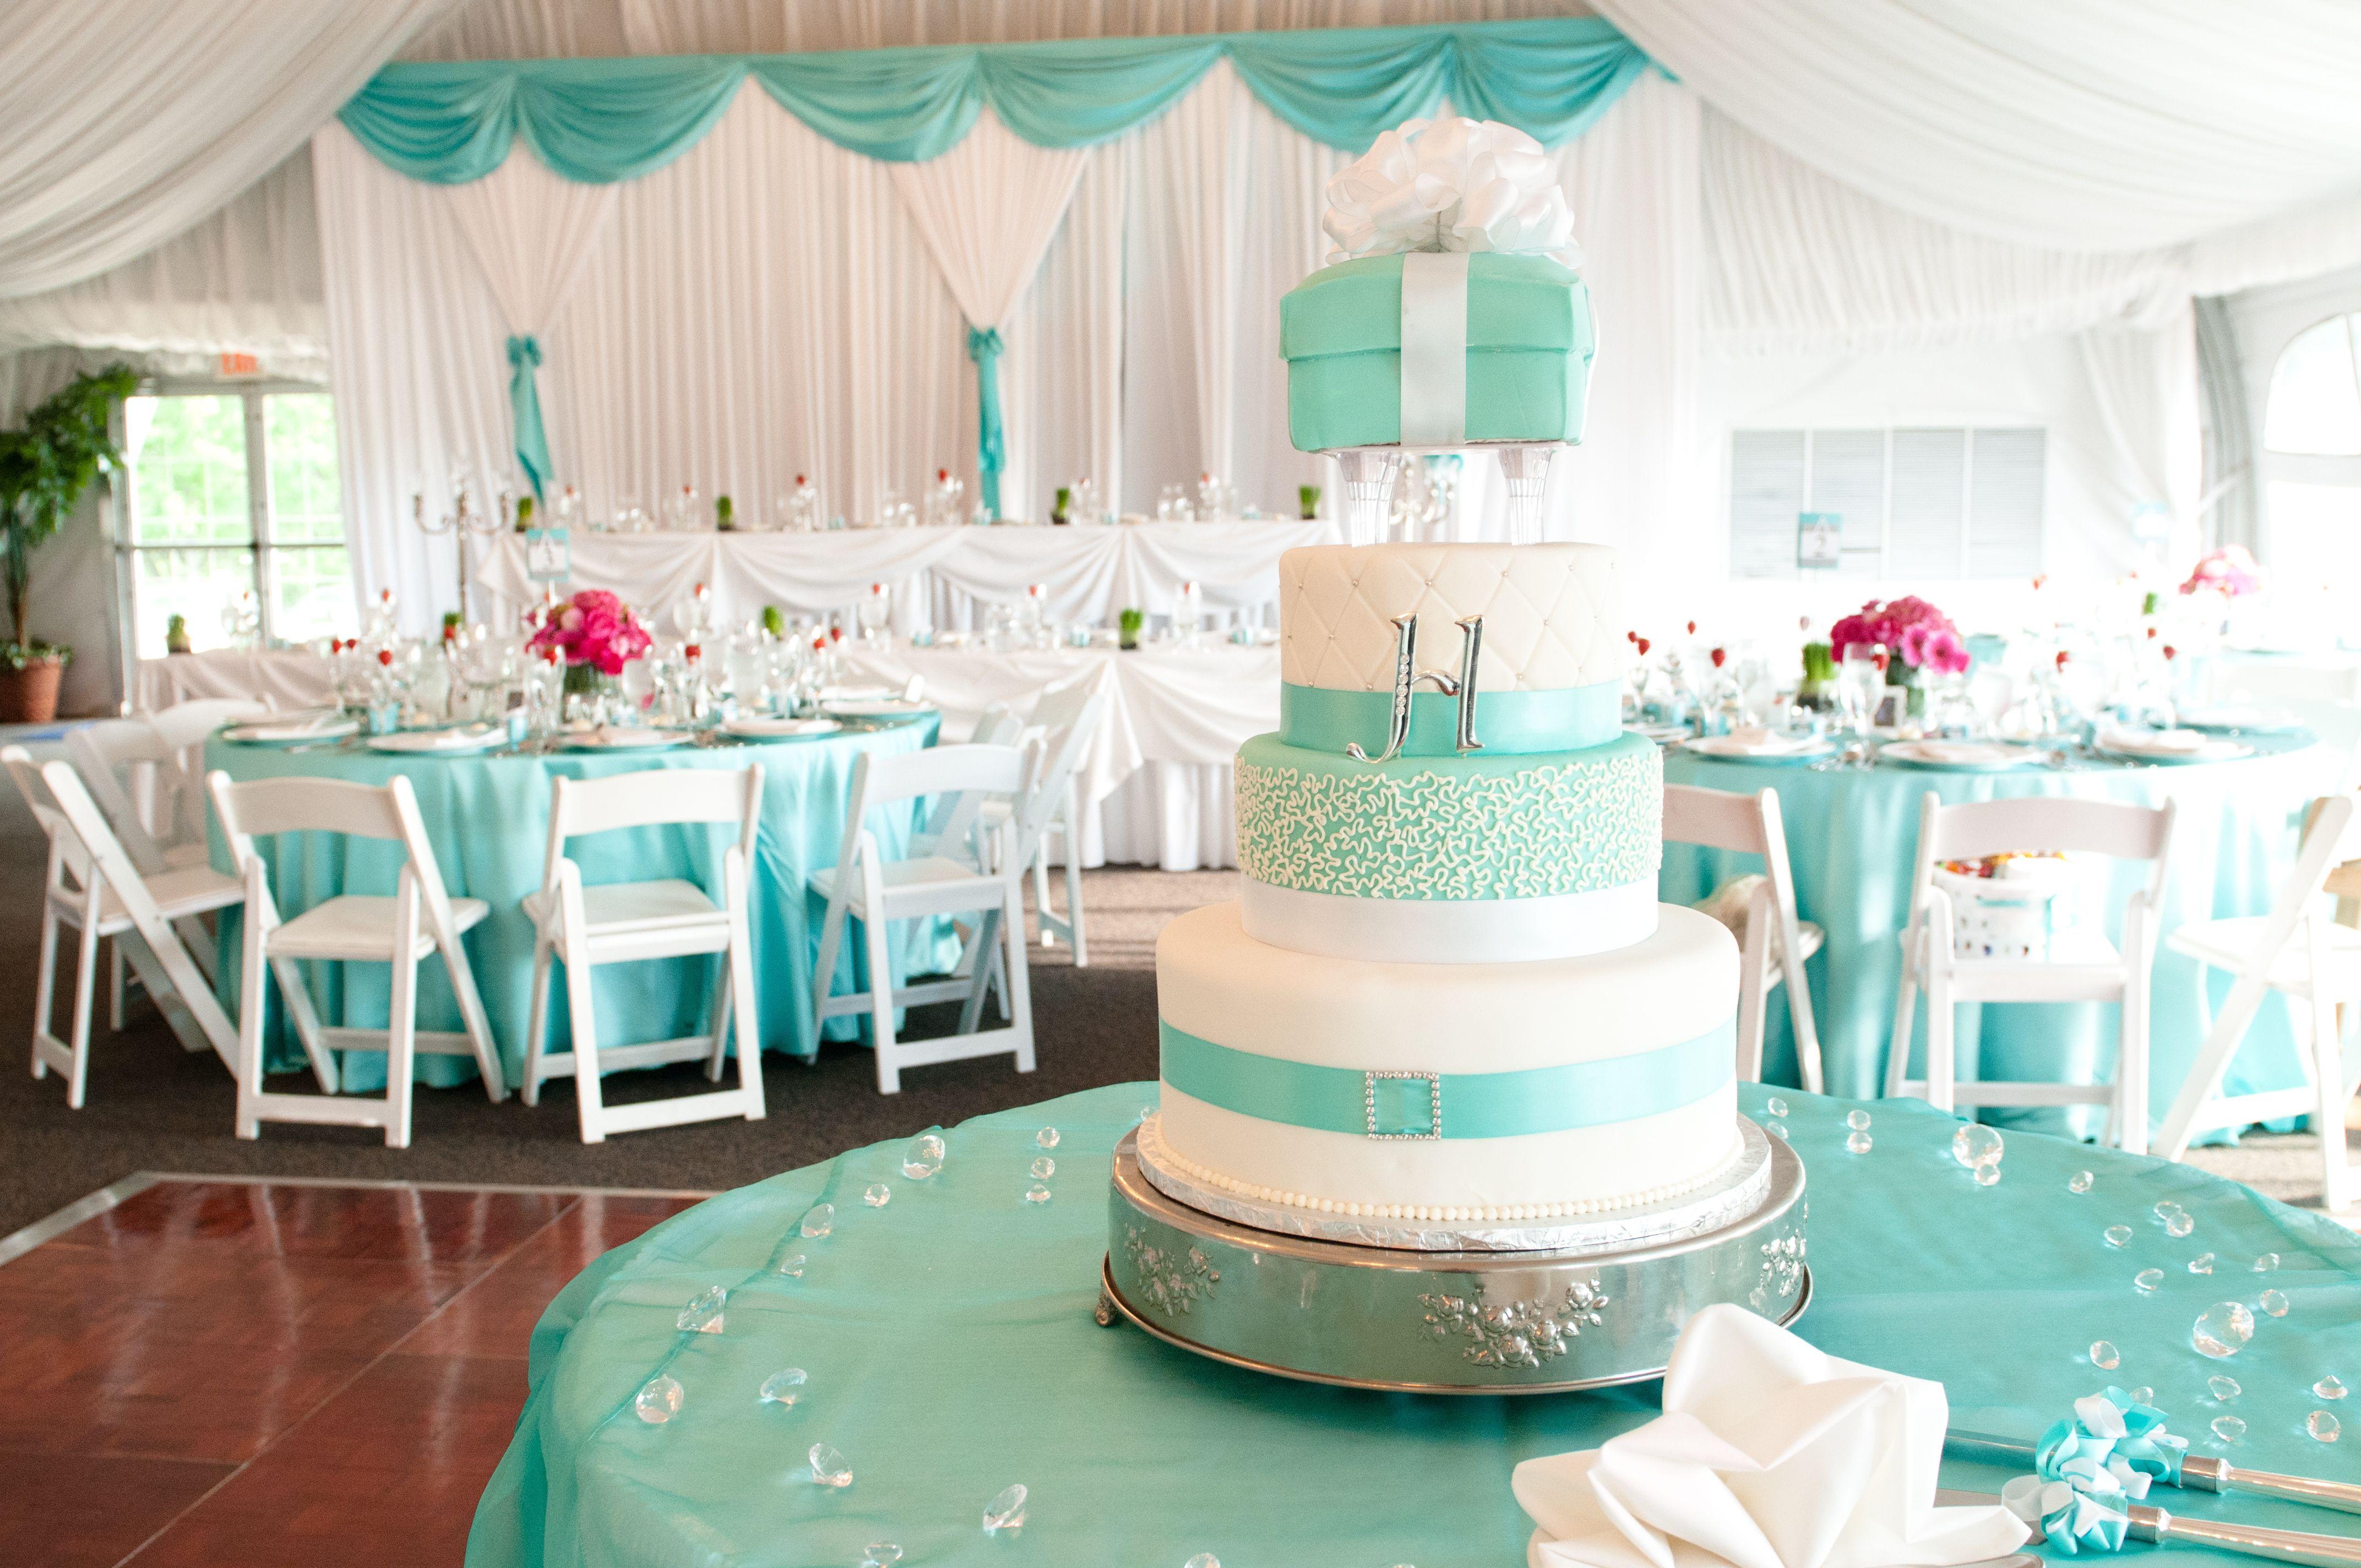 tiffany blue reception decorations zDkpL ARrQsHHpD*7cgXzpVNc 7CUtBJsYGVOg tiffany blue wedding Tiffany